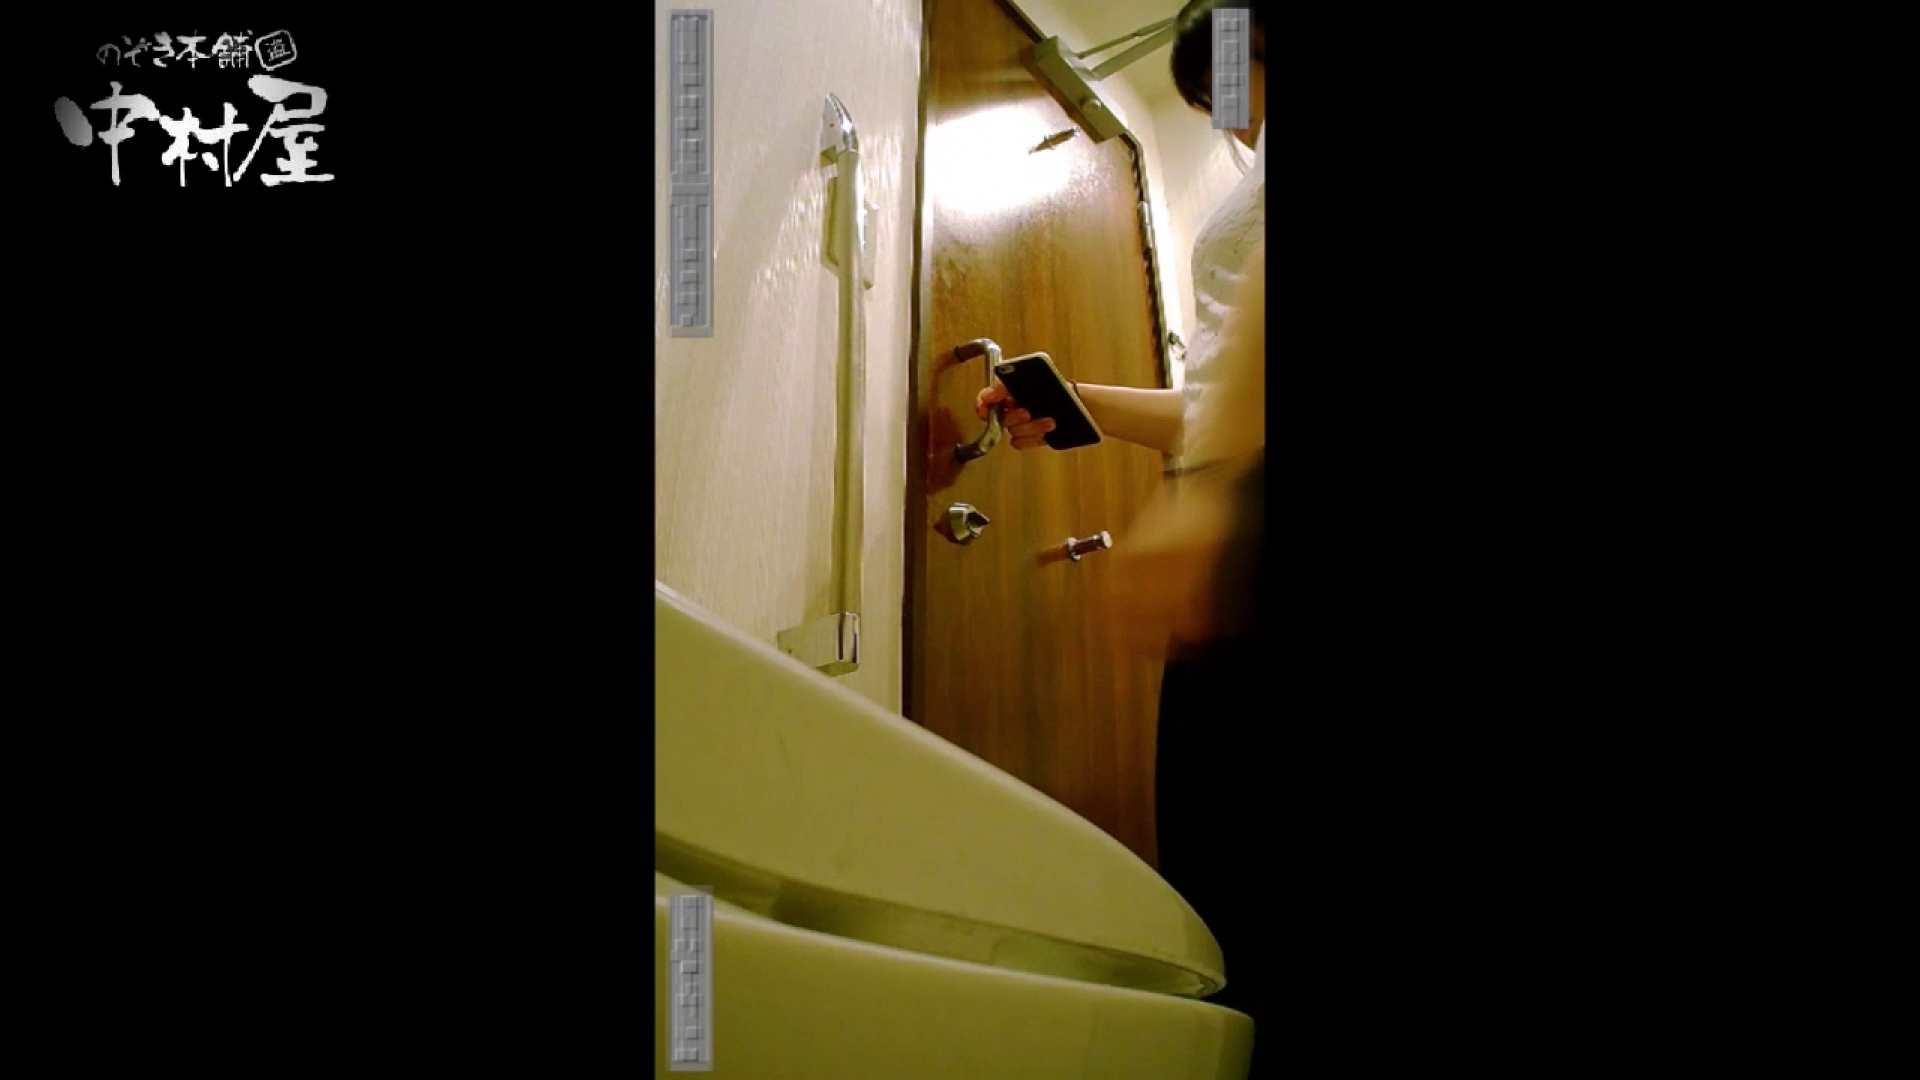 高画質トイレ盗撮vol.15 女体盗撮 のぞき濡れ場動画紹介 96連発 83